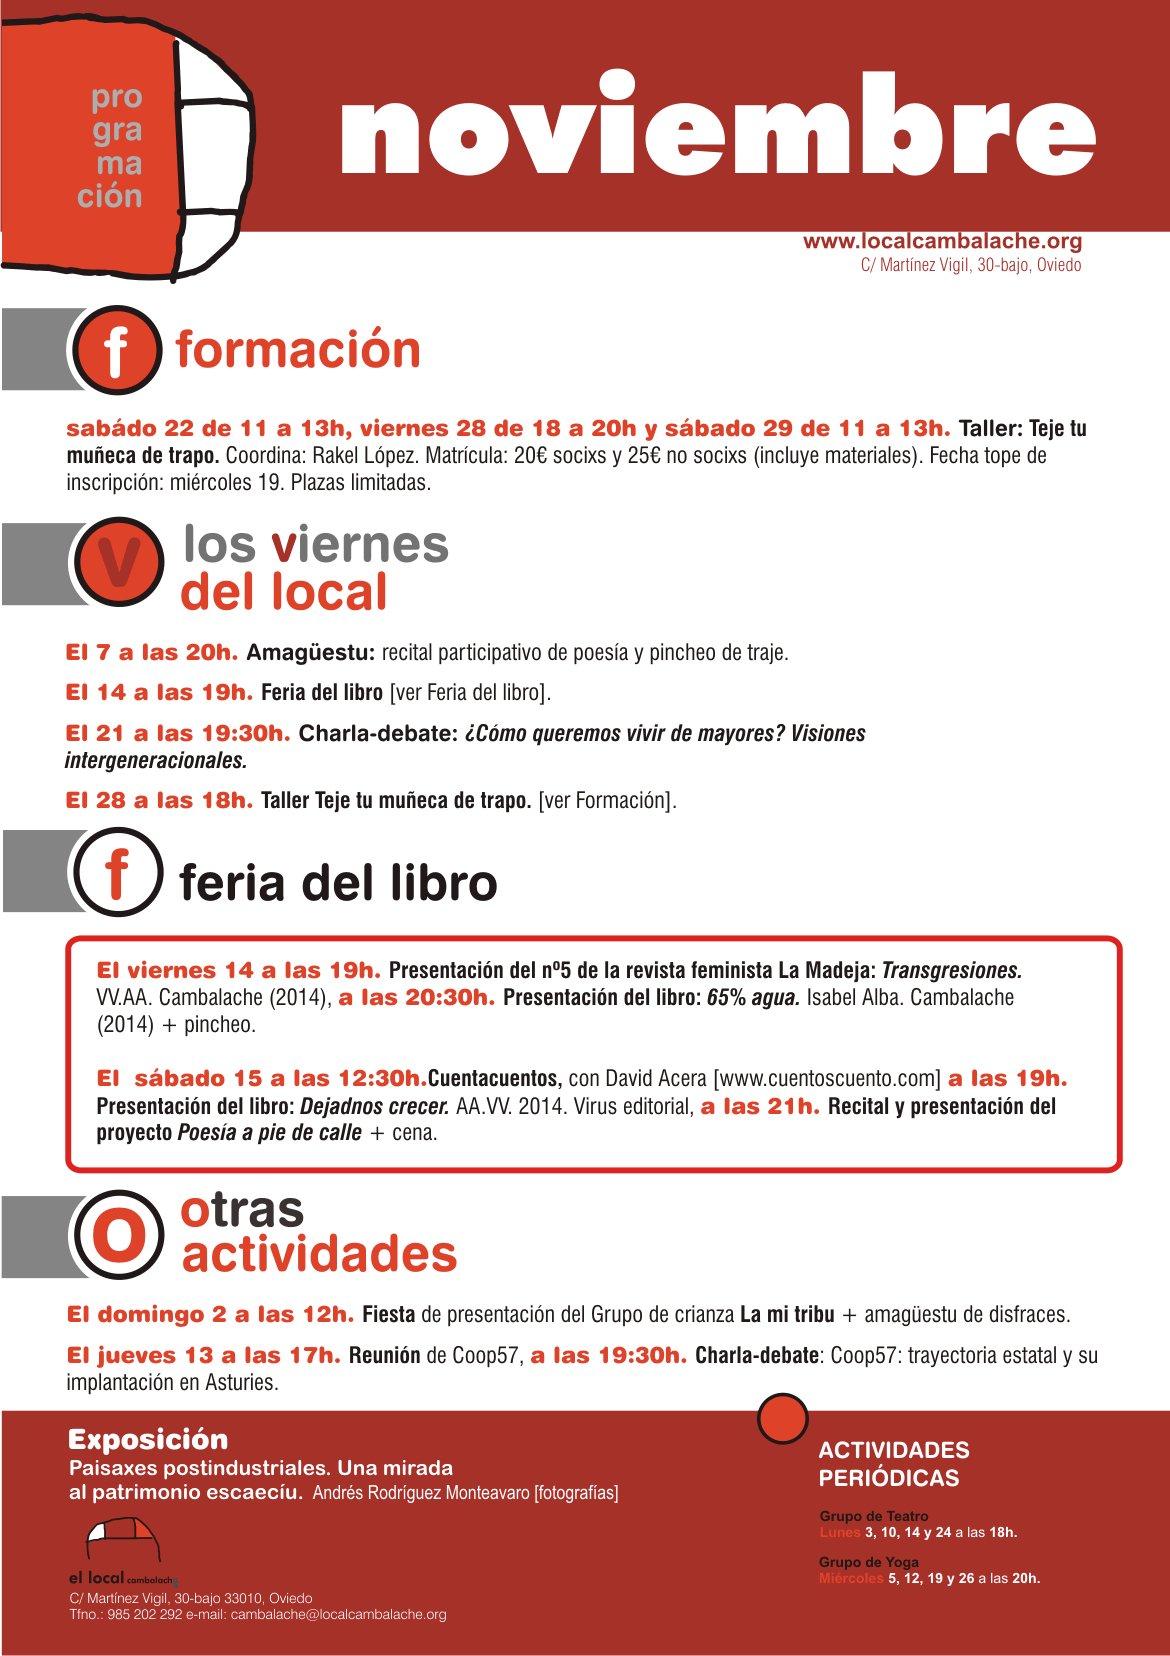 el local | Local Cambalache | Página 4